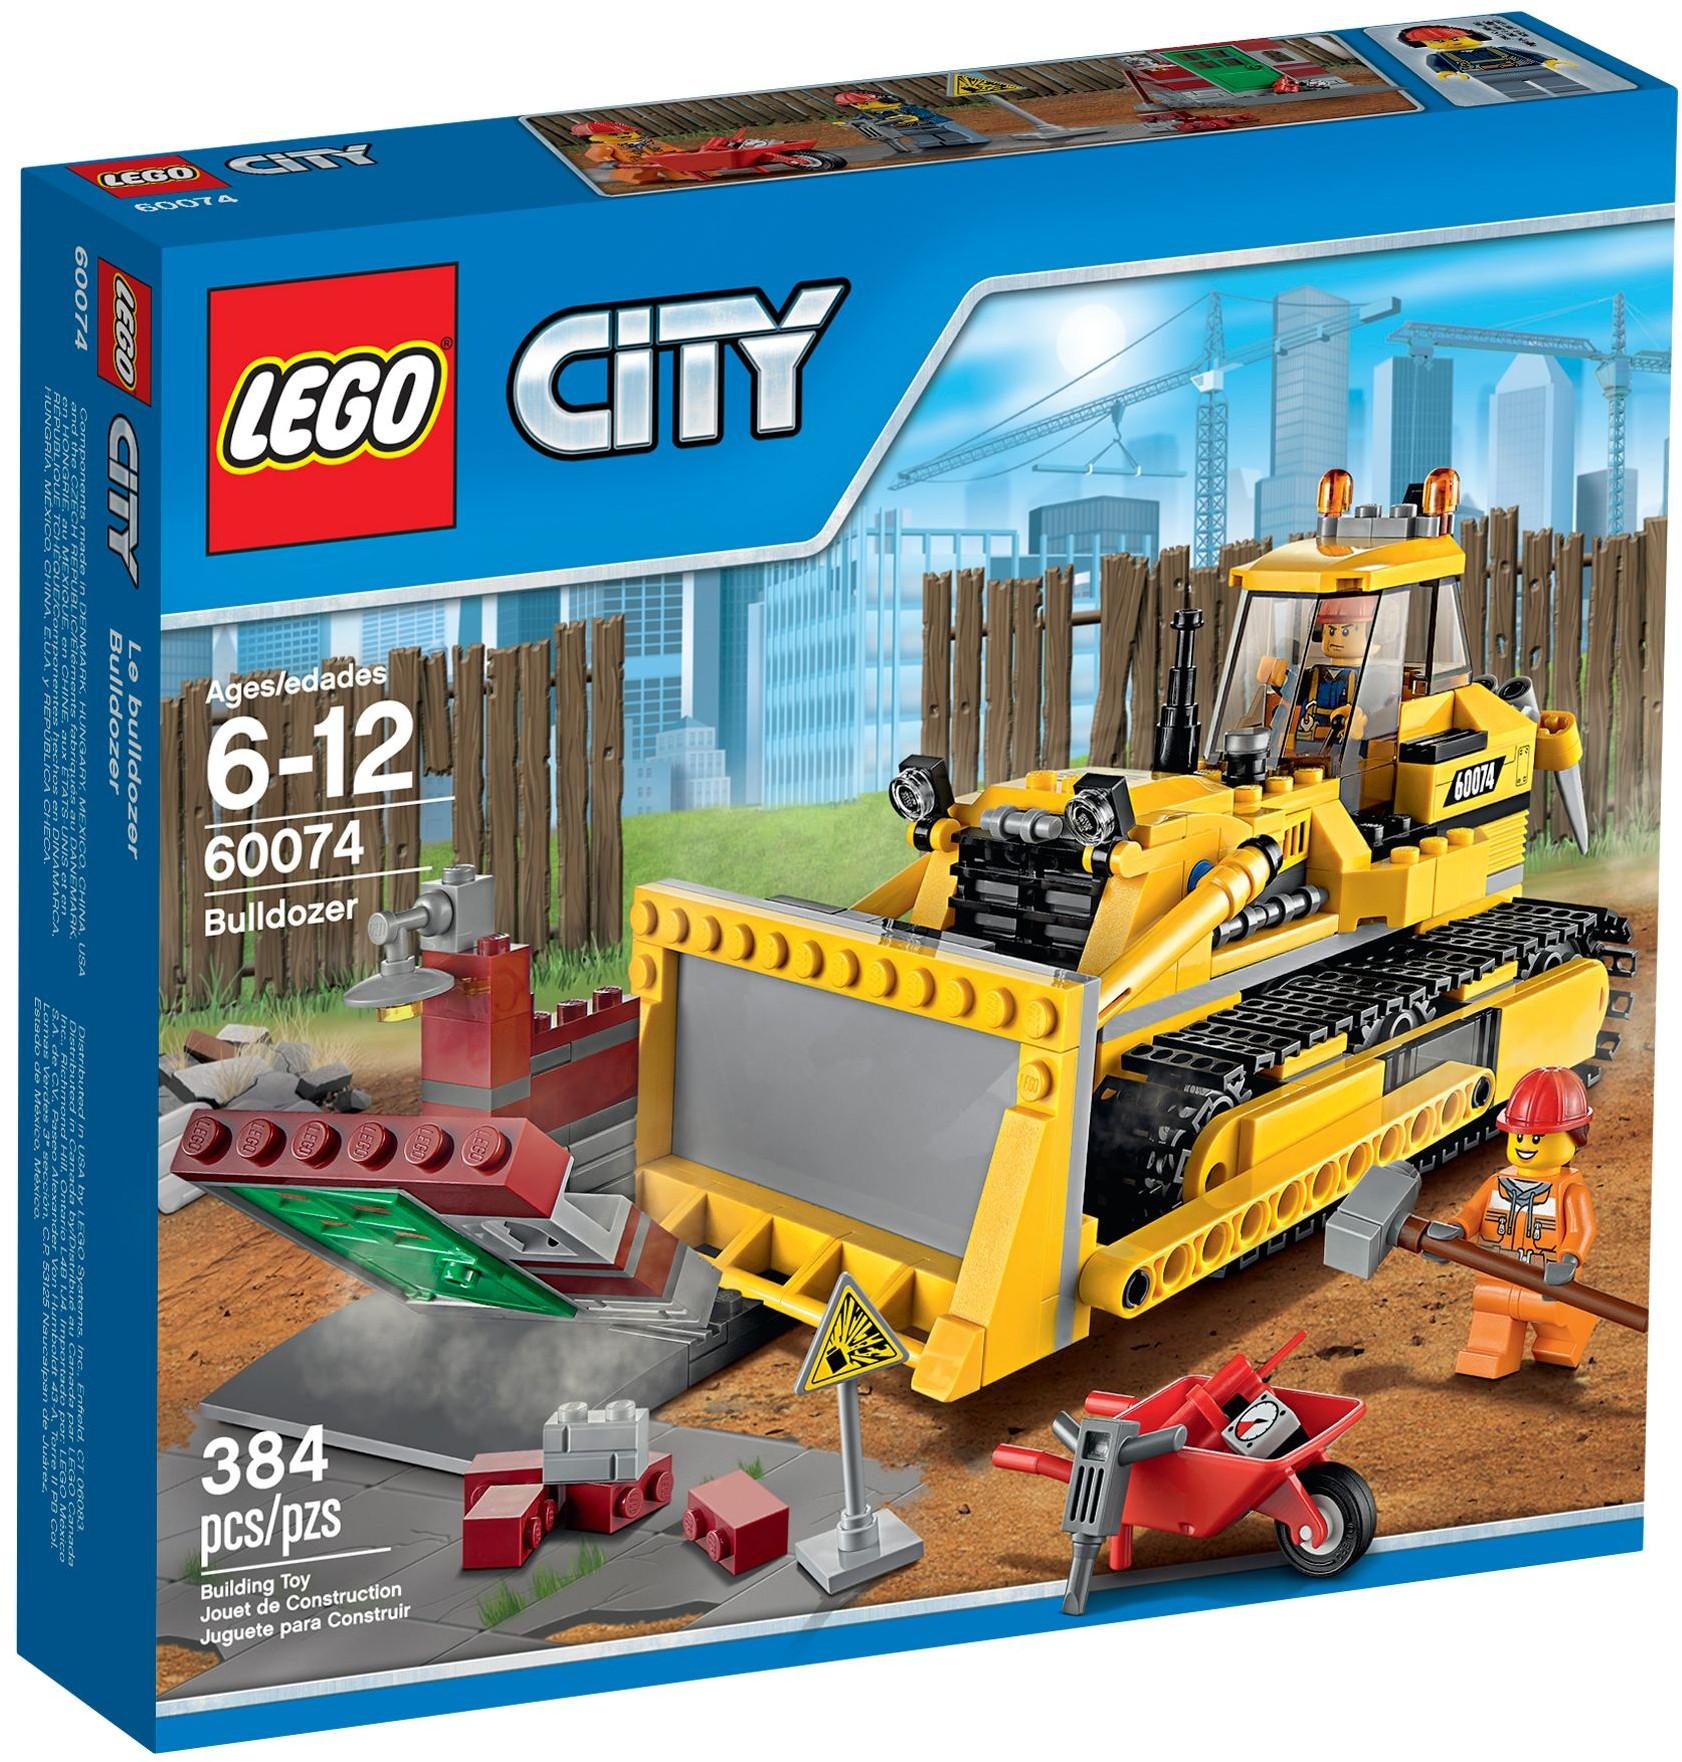 LEGO 60074 - City - Bulldozer